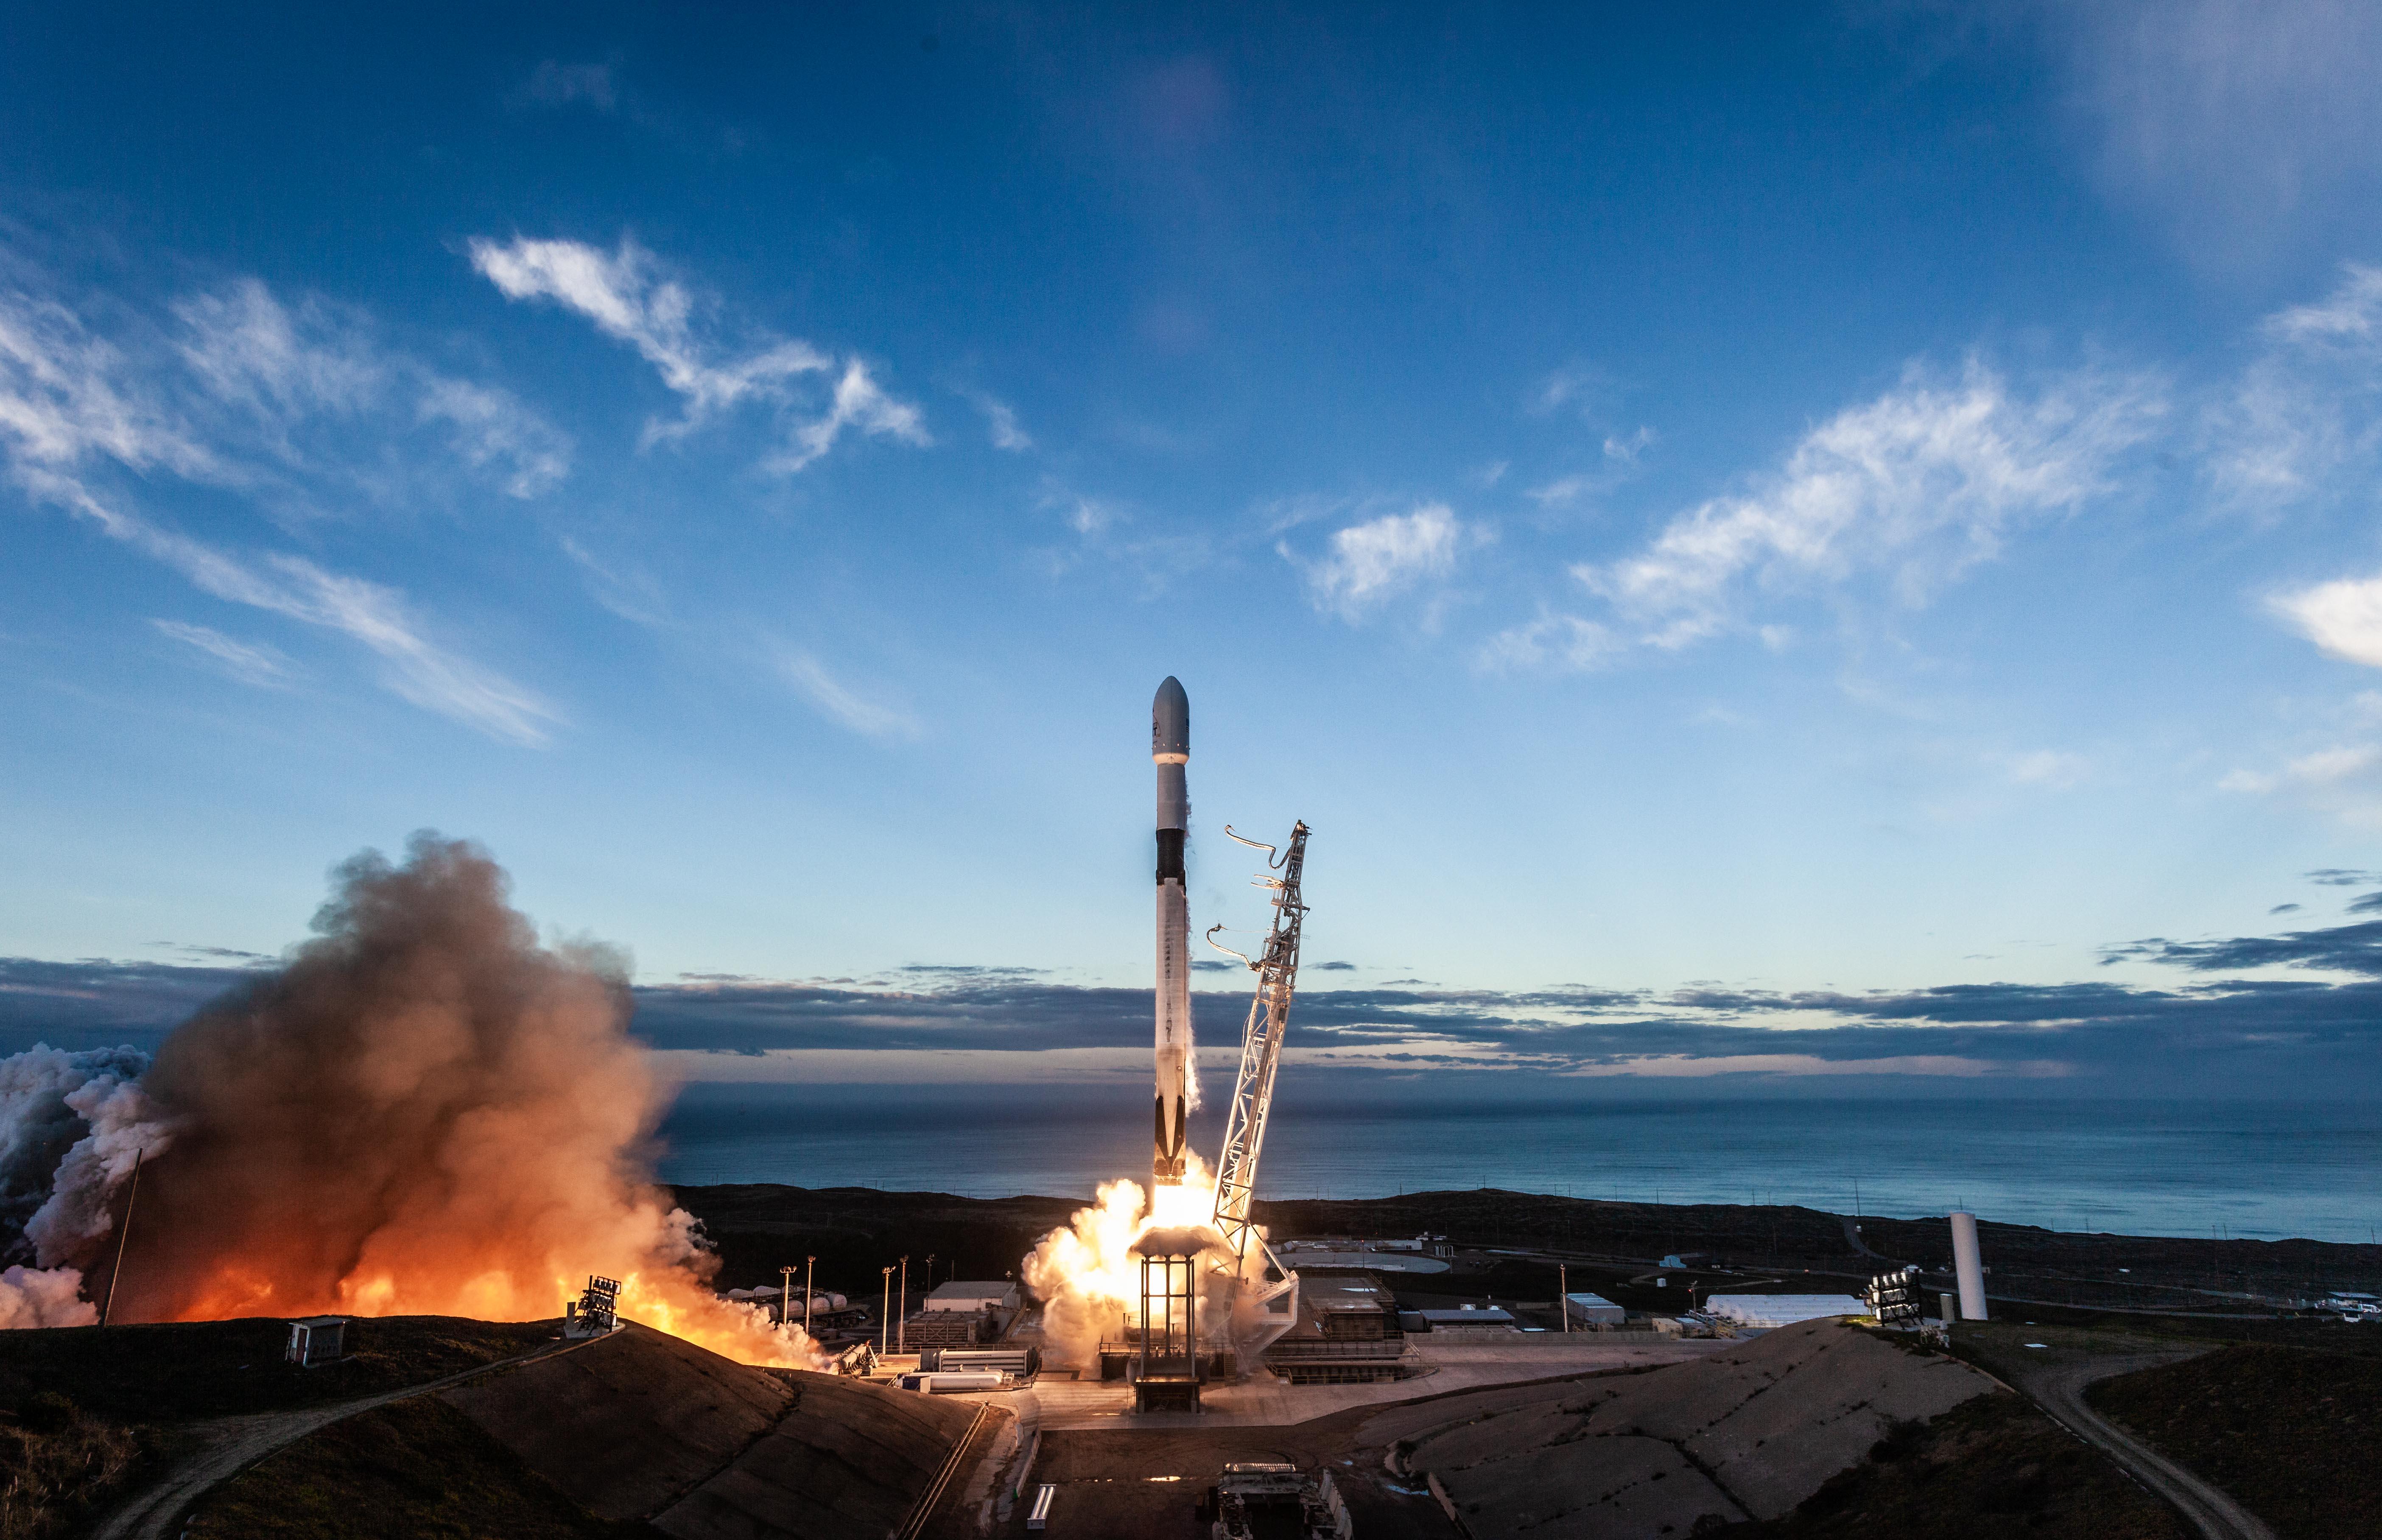 La société aérospatiale d'Elon Musk licencie 10% de ses 6.000 employés — SpaceX